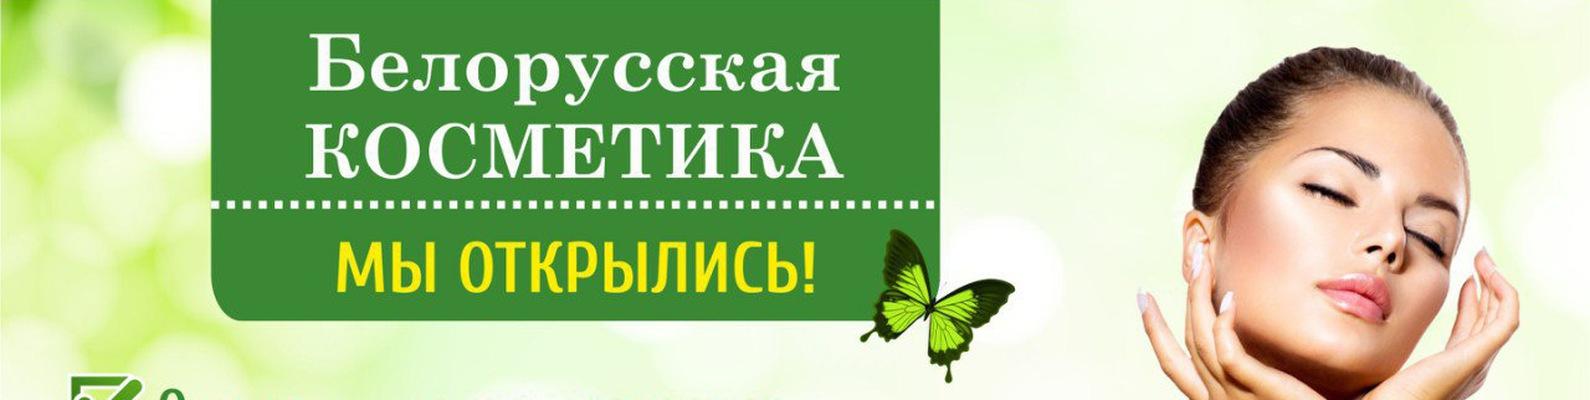 Реклама белорусской косметики